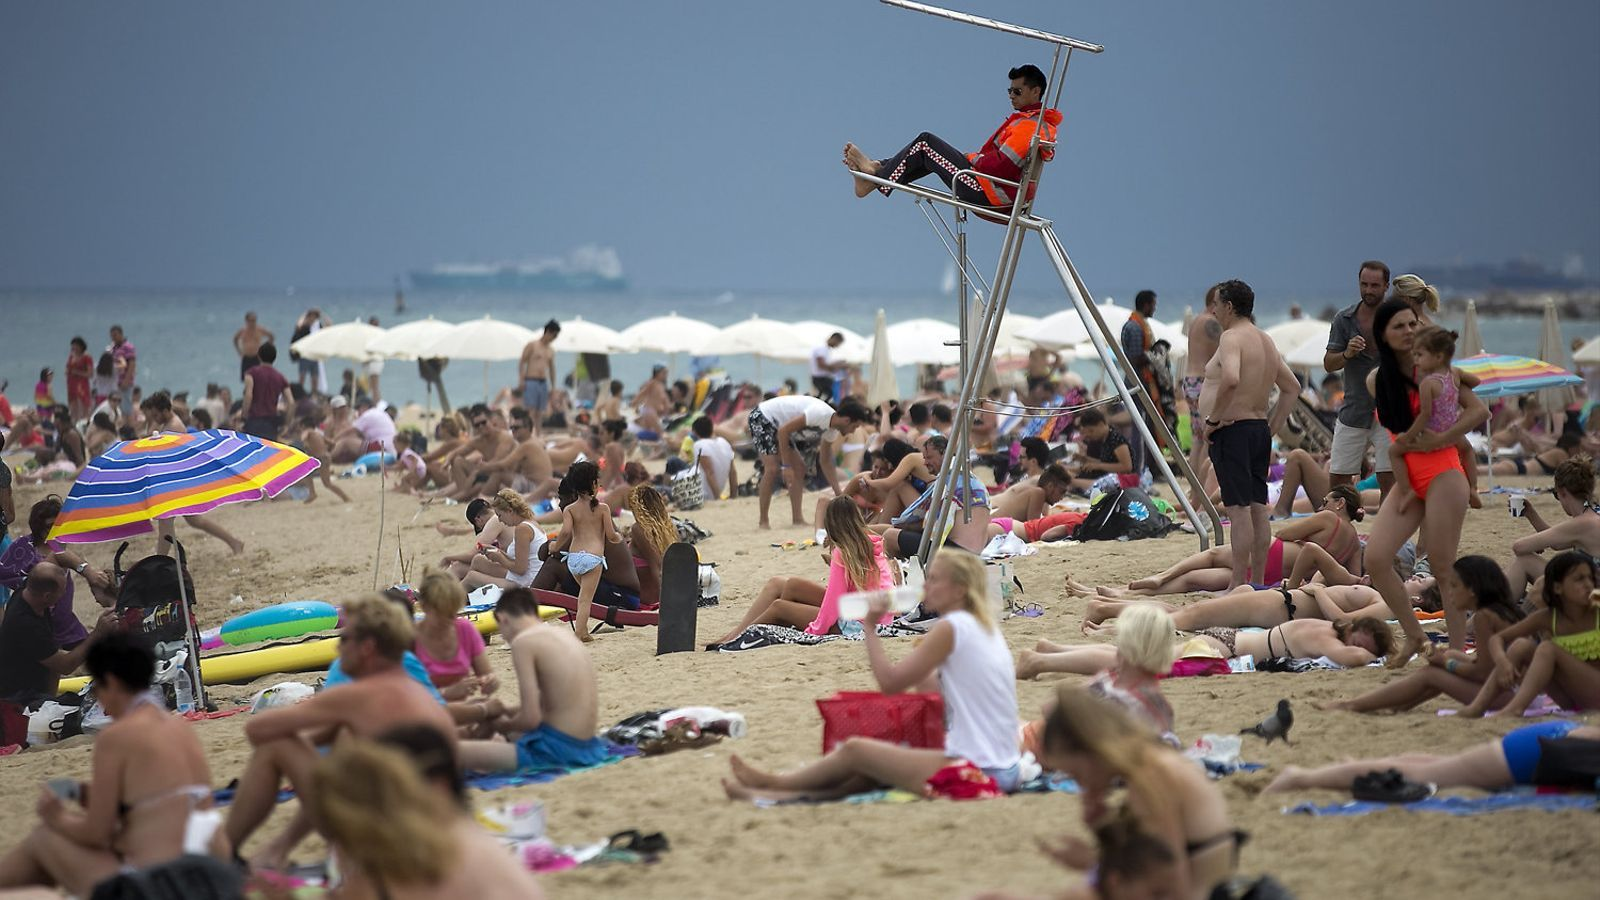 Els socorristes demanen que es posi ordre i criteri a les platges